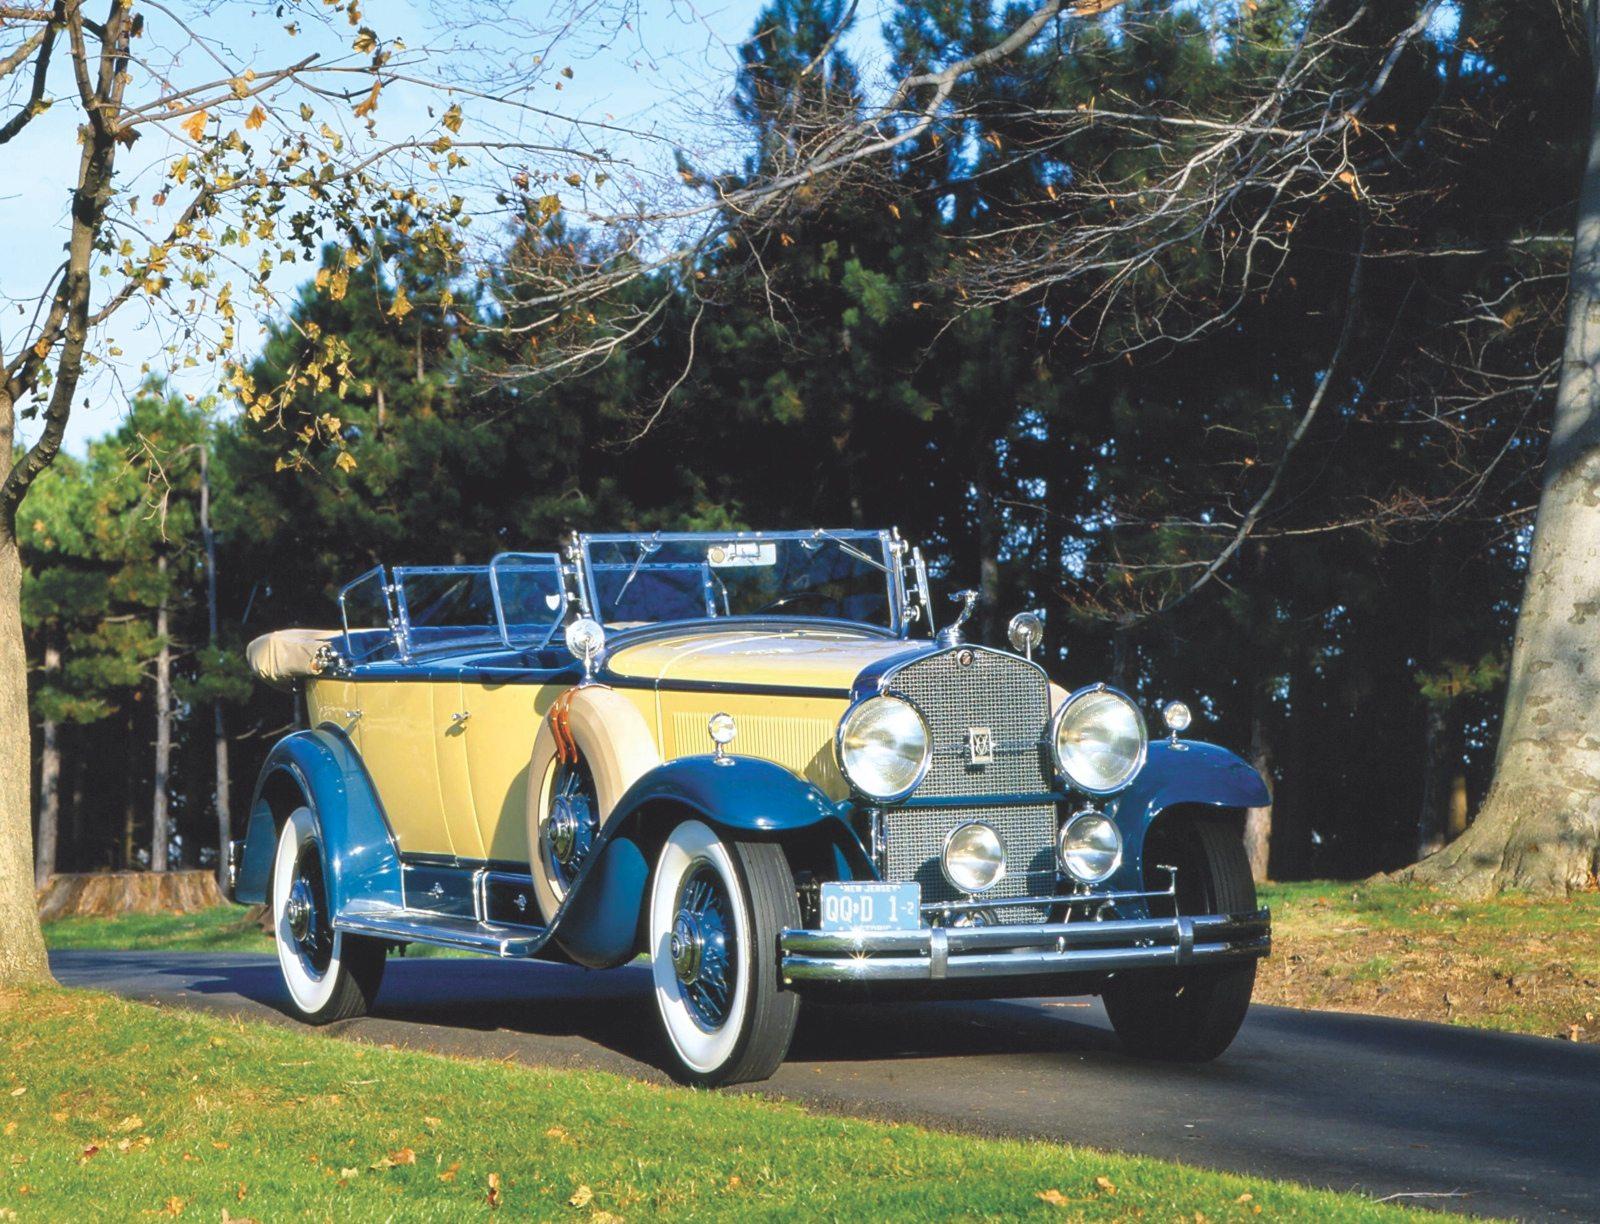 1930 Cadillac V8 Phaeton